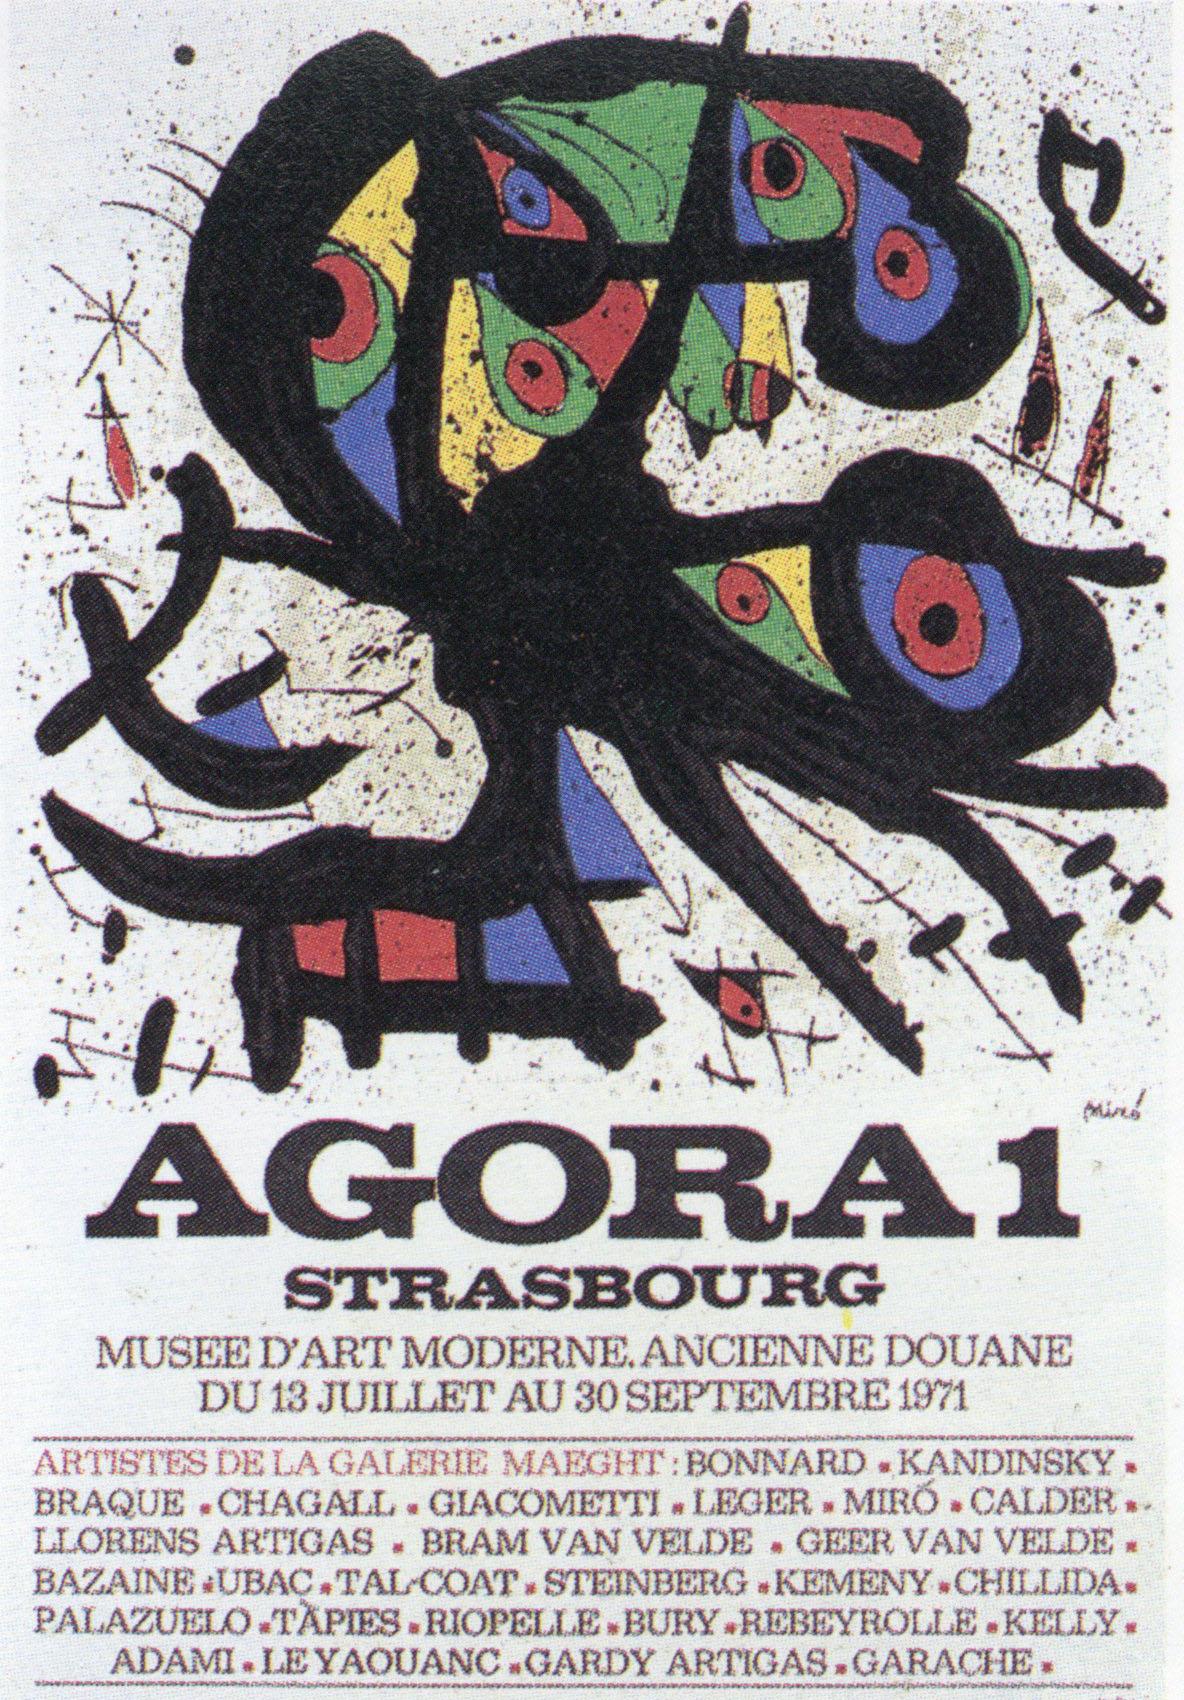 ジョアン・ミロ ポスター「Agora 1」 /Joan Miro